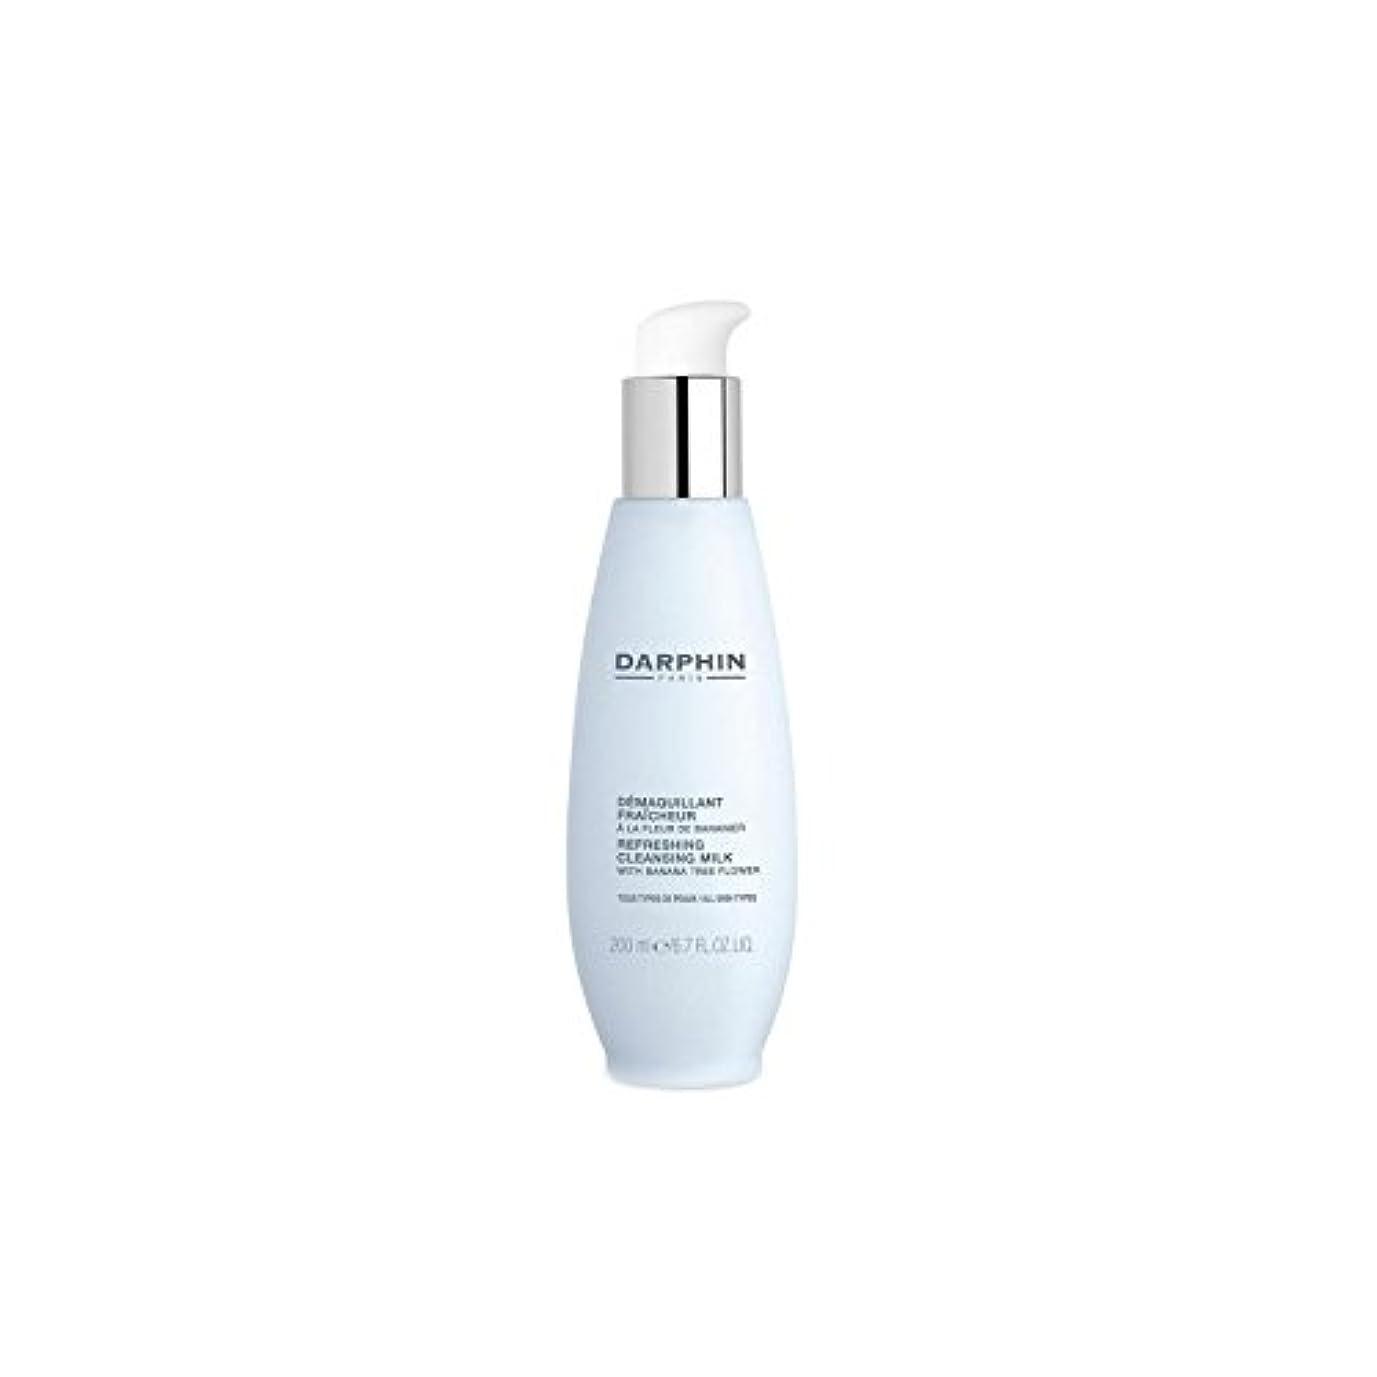 アイドル瞑想的研究所さわやかなクレンジングミルクをダルファン - 正常な皮膚のために(200ミリリットル) x2 - Darphin Refreshing Cleansing Milk - For Normal Skin (200ml) (...